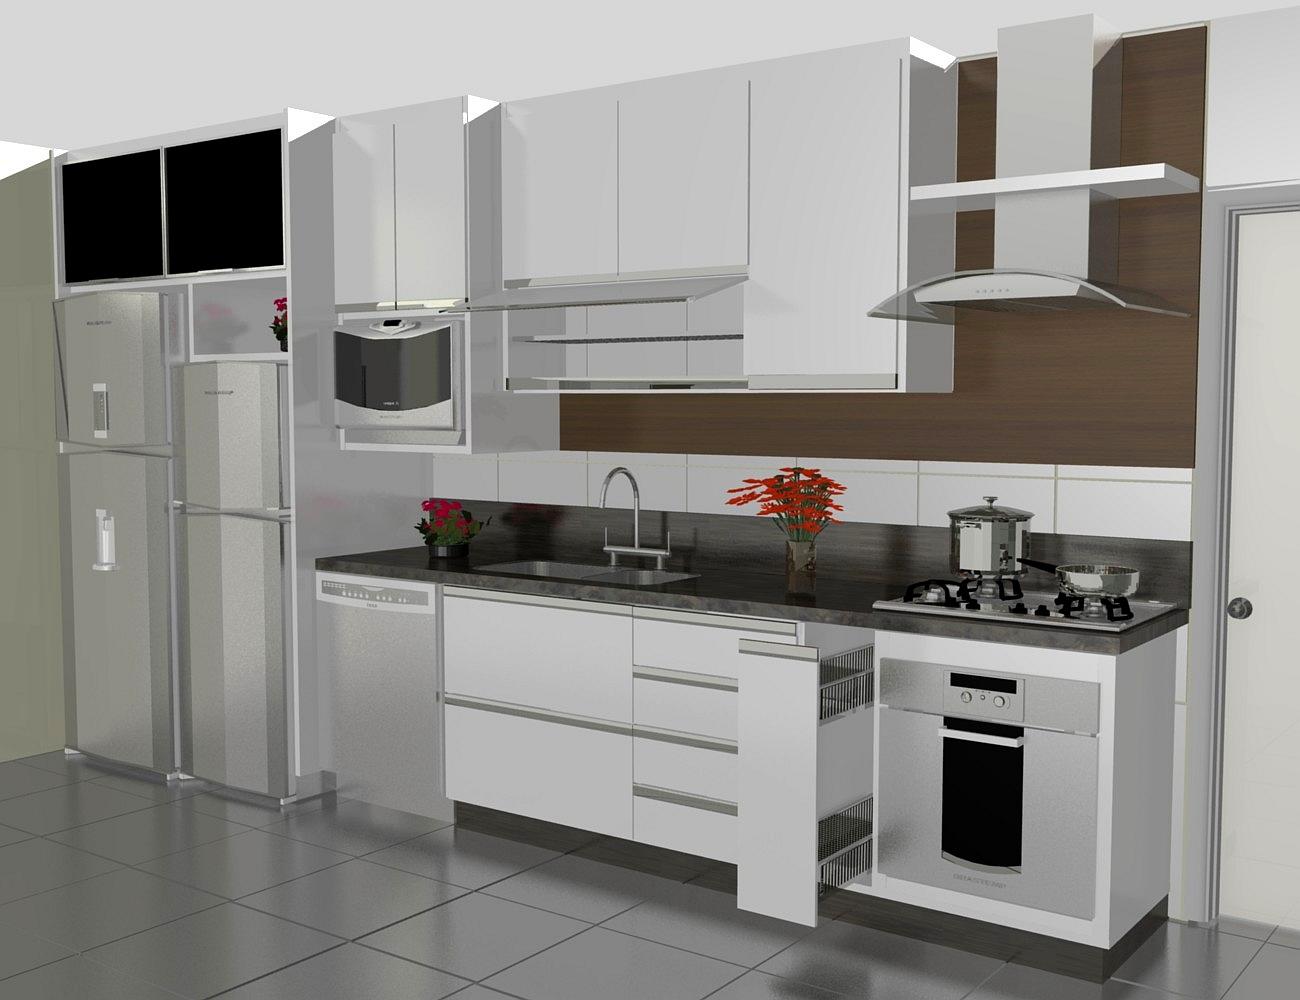 #5D4839  cozinha planejadas pequenas decorada americana modulada luxo moderna 1300x1000 px bancada p cozinha pequena @ bernauer.info Móveis Antigos Novos E Usados Online